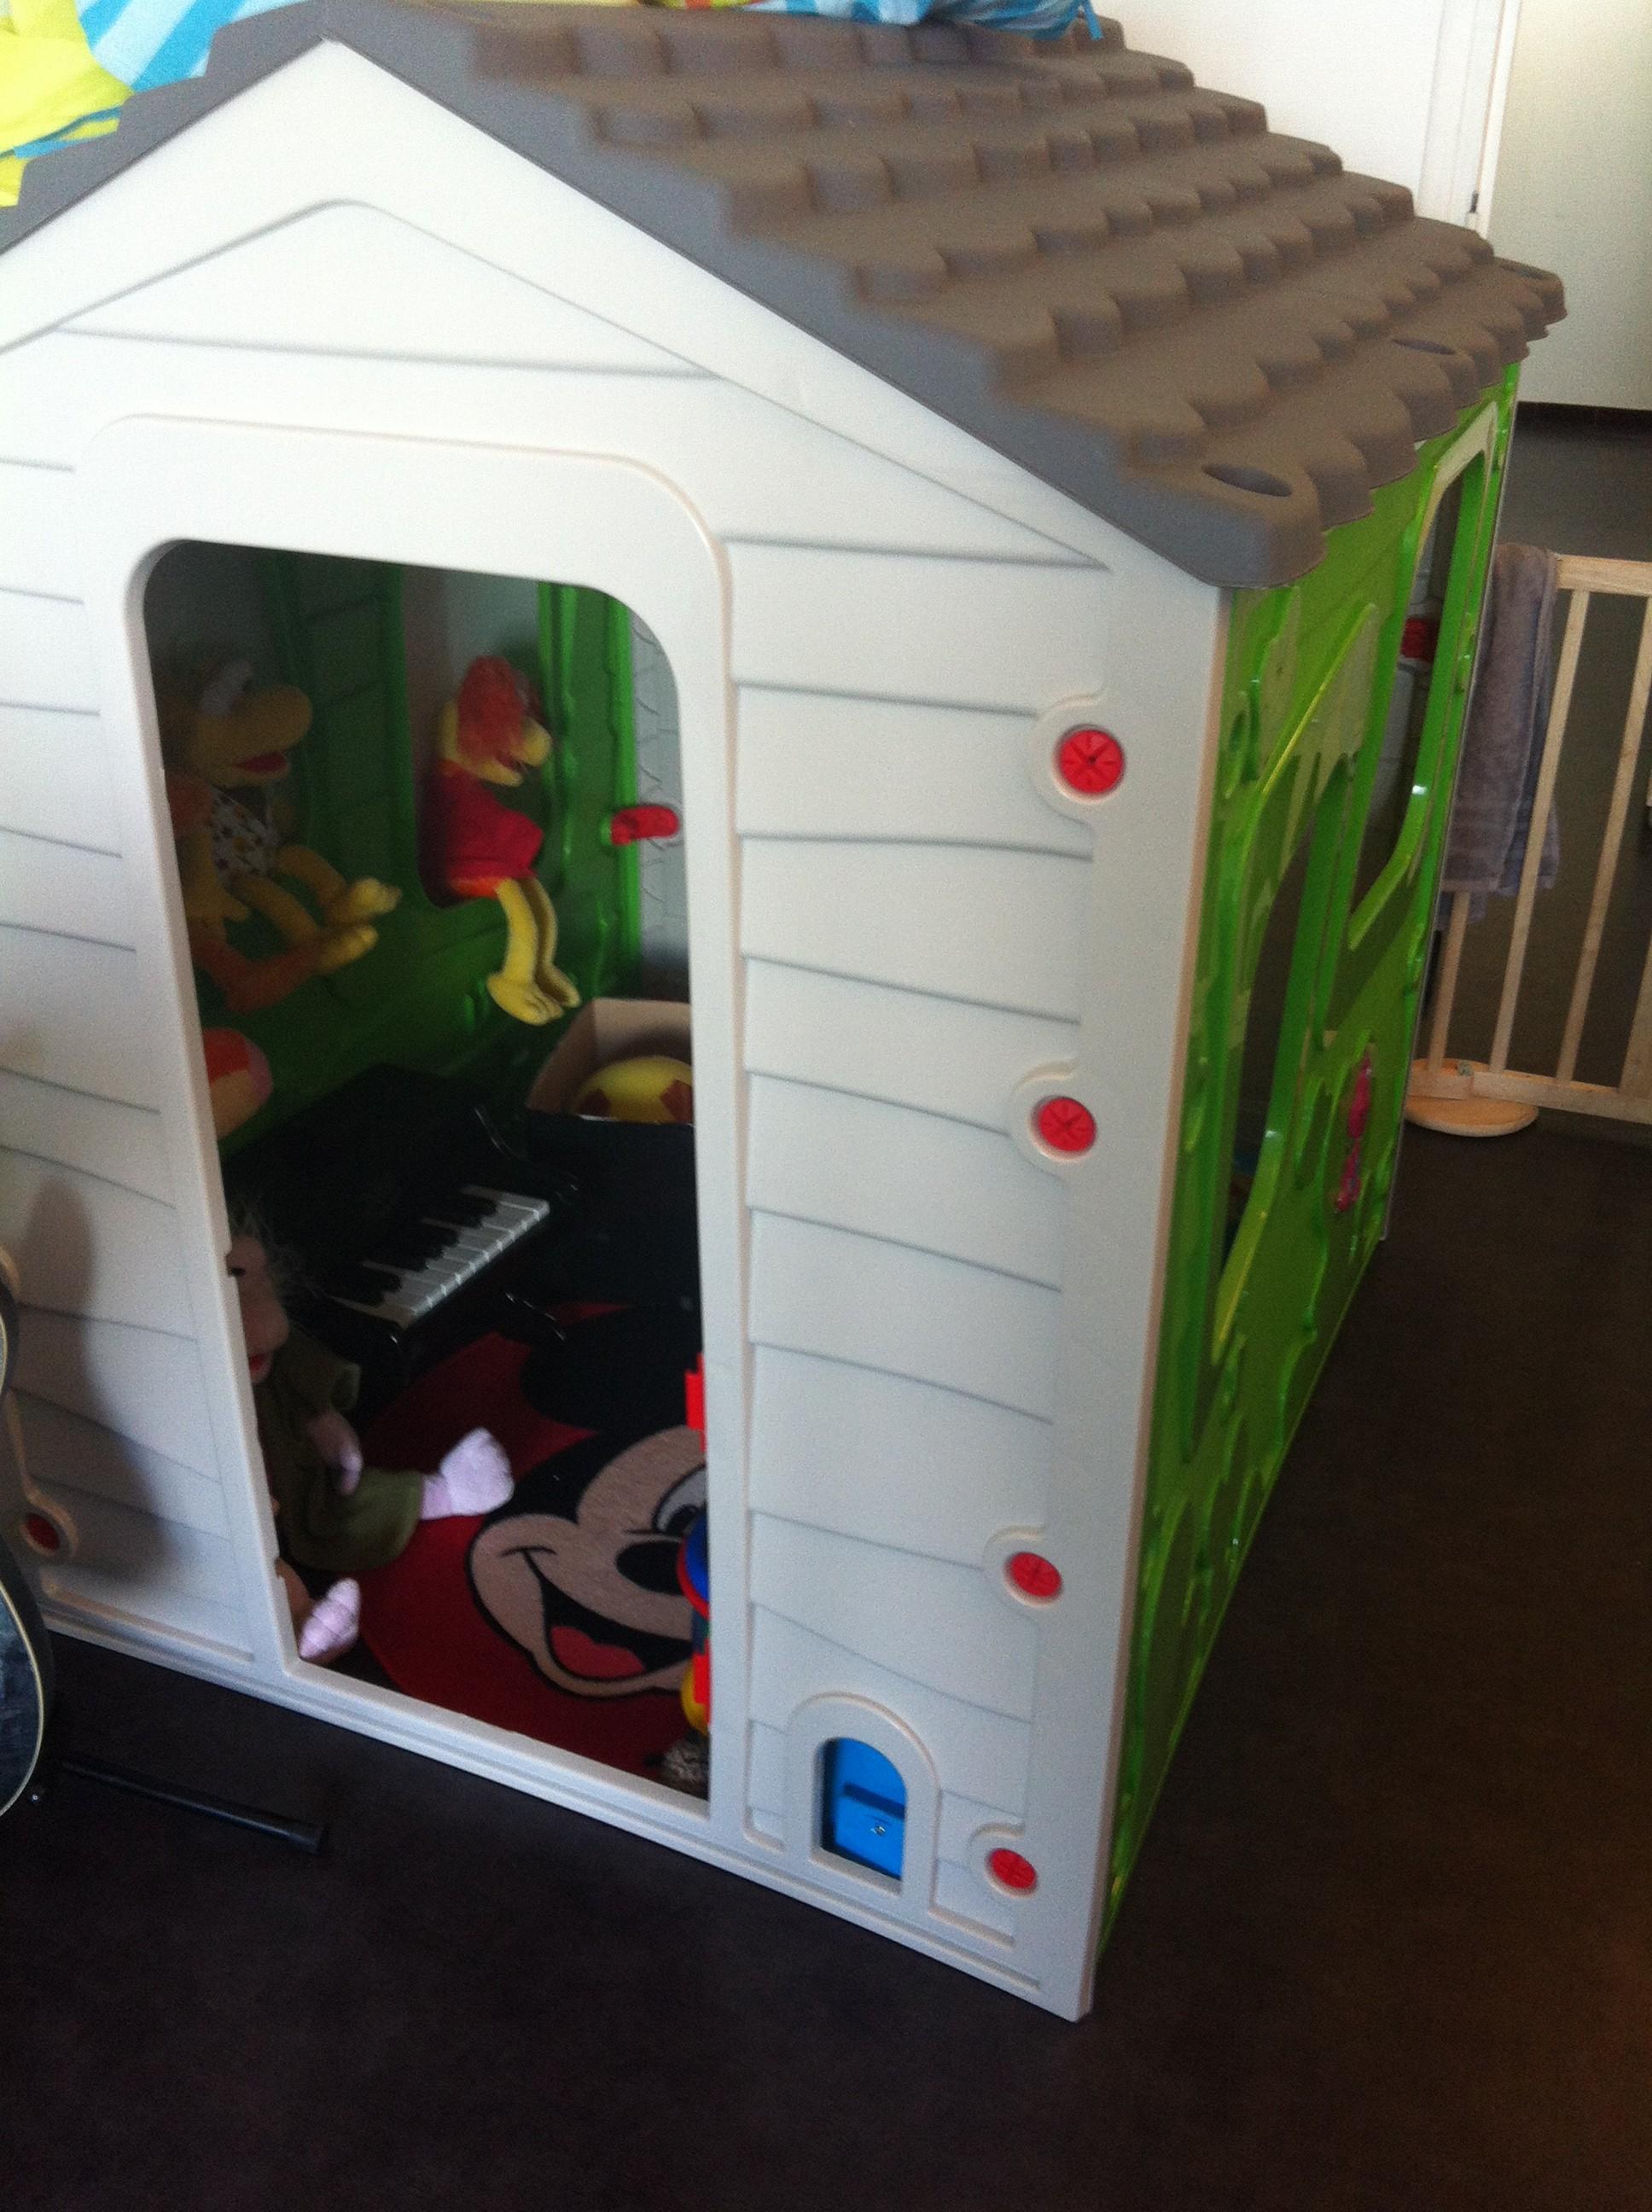 La petite maison dans la maison